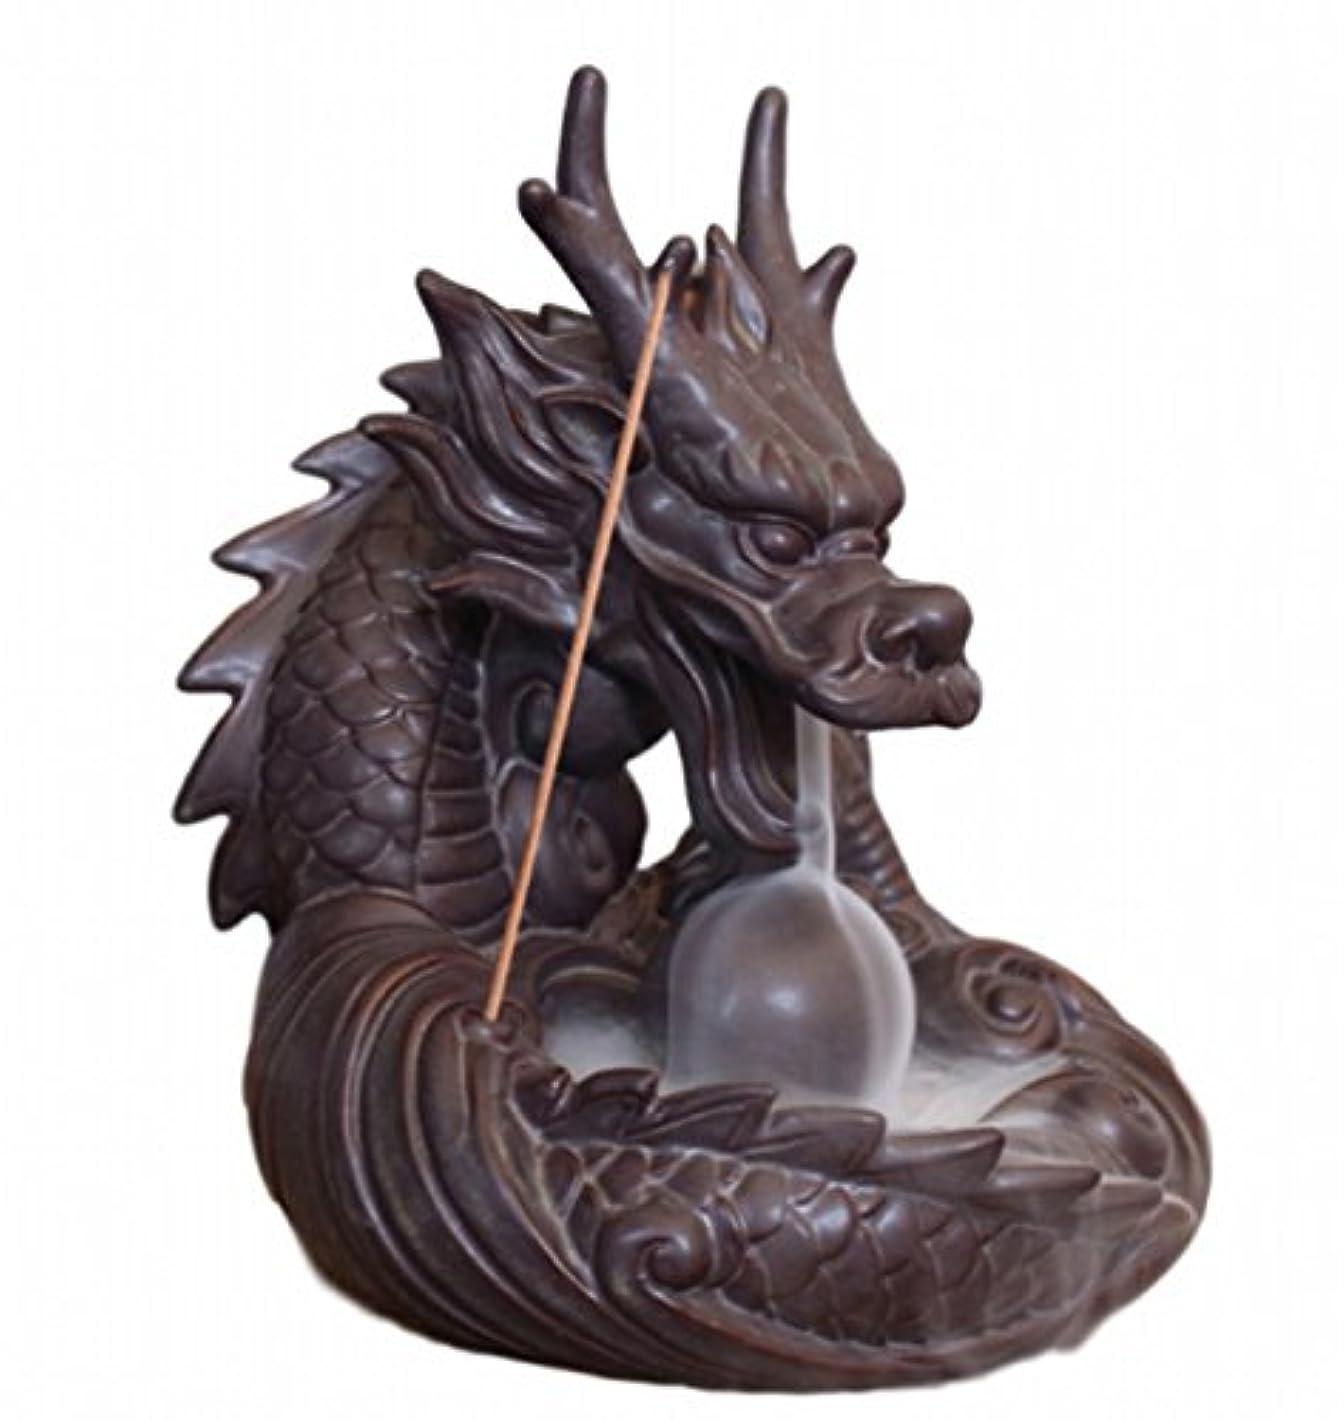 テープ作成する買う【Rurumiマーケット】不思議なお香 倒流香 用 香炉 ドラゴン お試しお香付き 流川香 陶器製 (ドラゴンB)